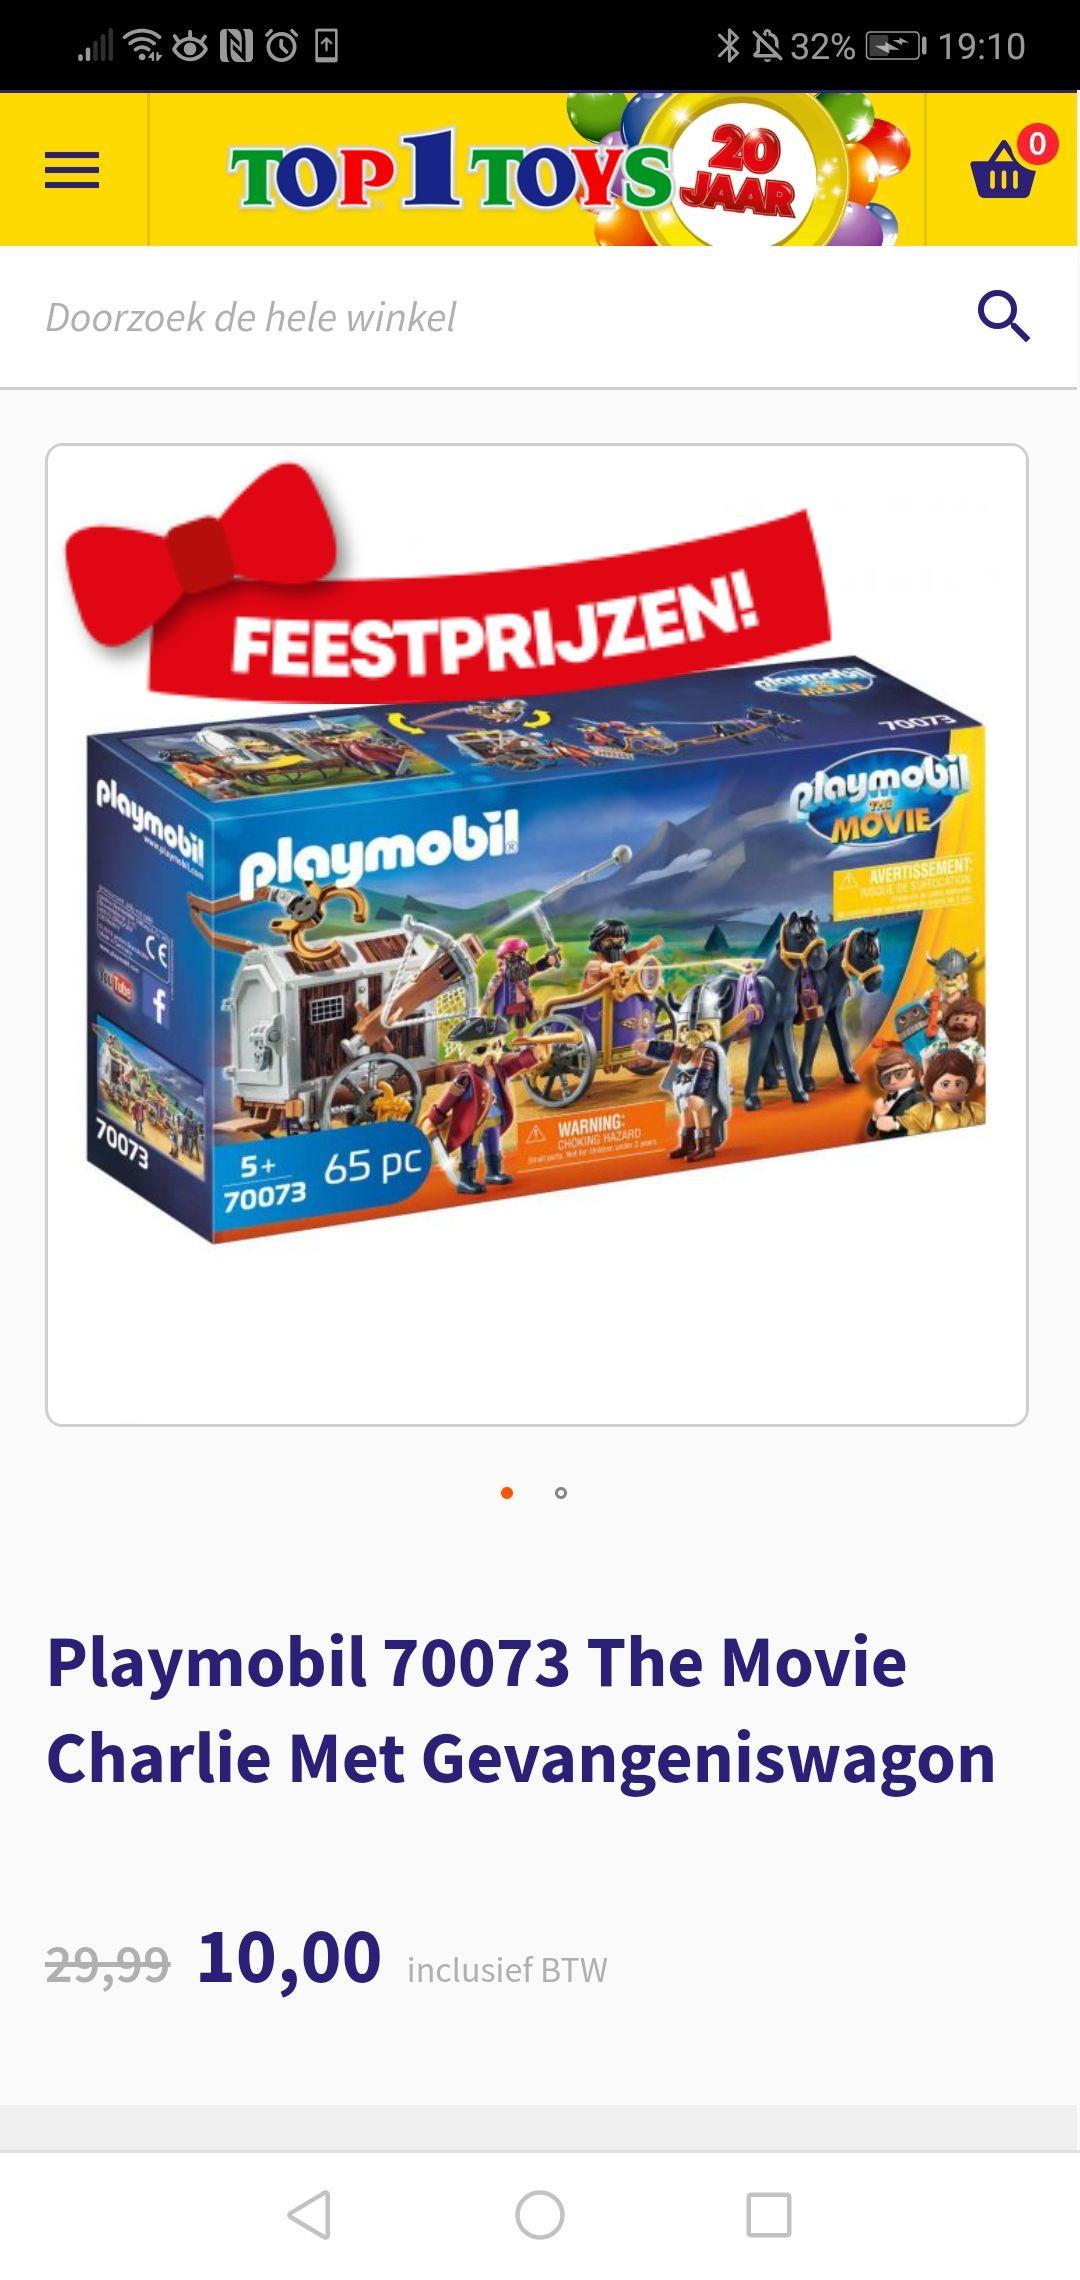 Playmobil 70073 The movie Charlie met Gevangeniswagon